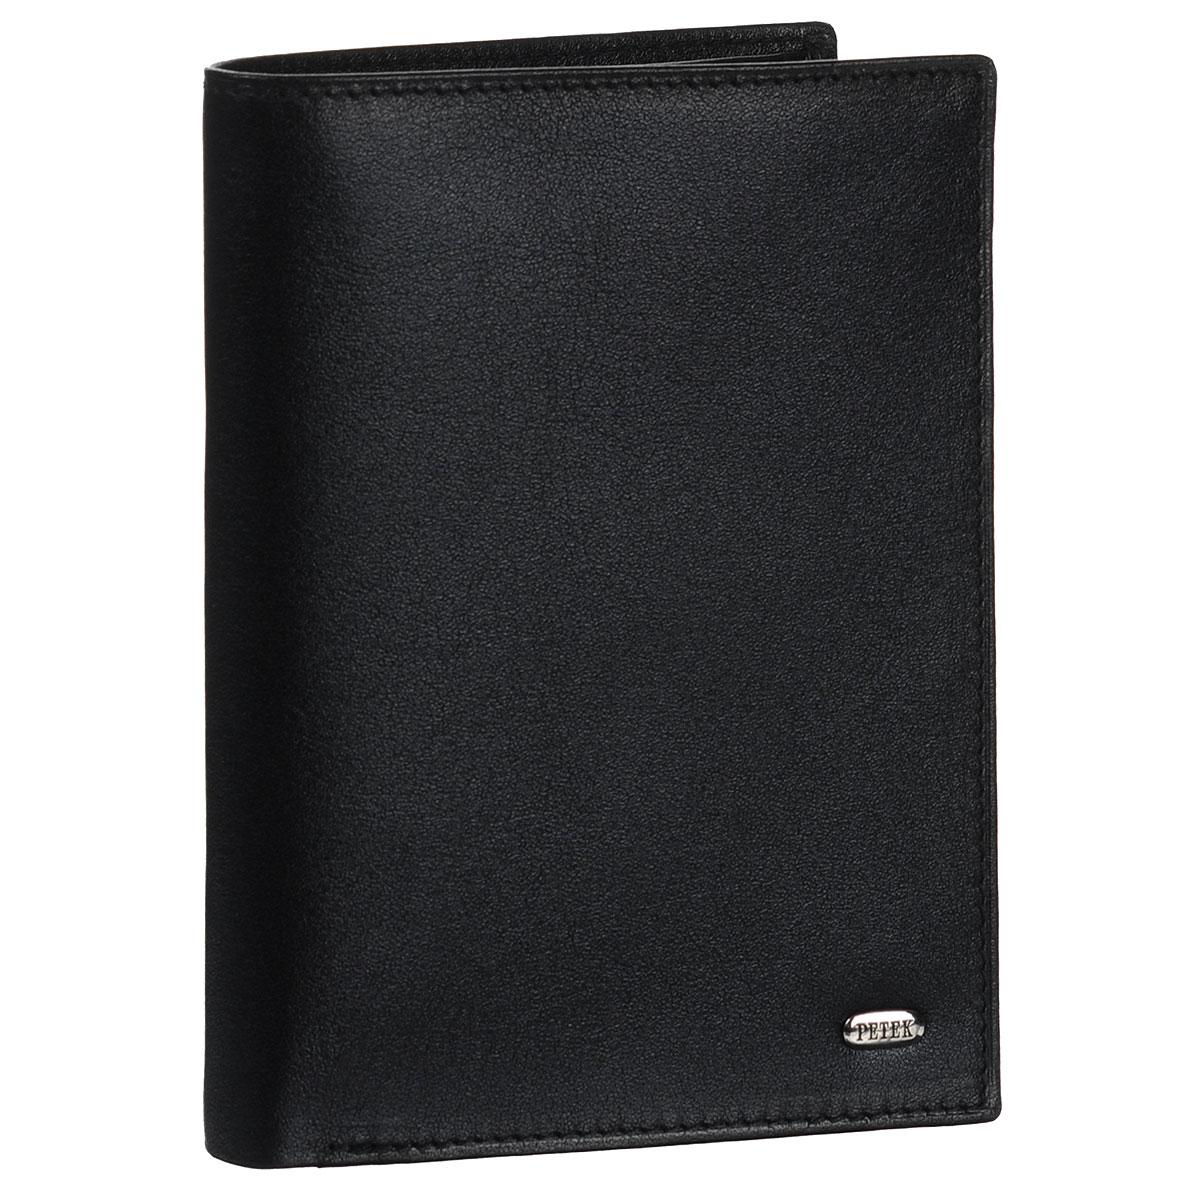 Обложка для паспорта и портмоне Petek, цвет: черный. 597.000.01597.000.01Обложка для паспорта и портмоне не только поможет сохранить внешний вид ваших документов и защитить их от повреждений, но и станет стильным аксессуаром, идеально подходящим вашему образу. Обложка выполнена из натуральной кожи. На внутреннем развороте имеются два отделения для купюр, два кармана с сетчатыми вставками, пять кармашков для пластиковых карт, один вертикальный карман и два дополнительных кармашка для бумаг. Упакована обложка в фирменную картонную коробку. Такая обложка станет замечательным подарком человеку, ценящему качественные и практичные вещи.